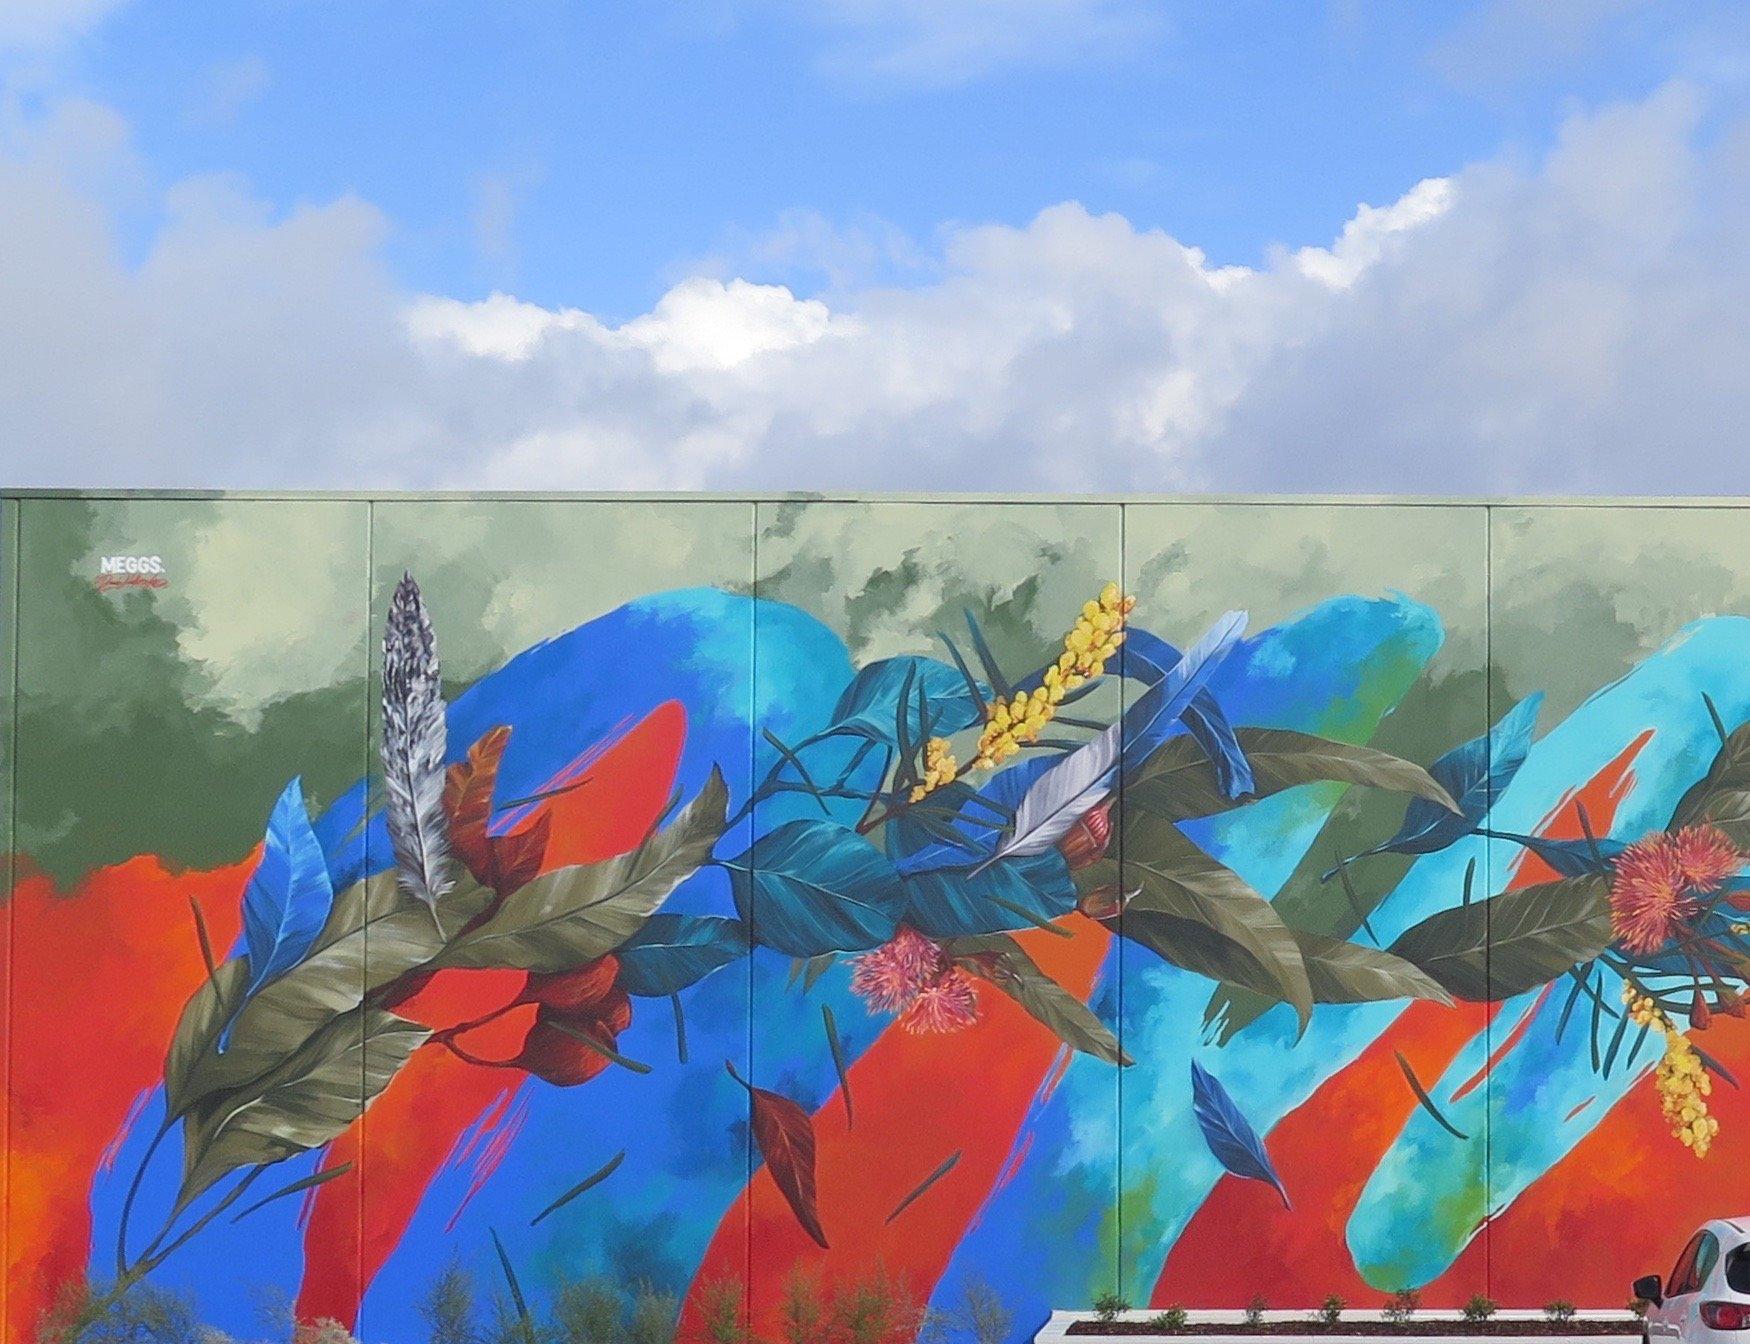 mural con hojas de plantas y plumas mezcladas entre fuego, aire y agua